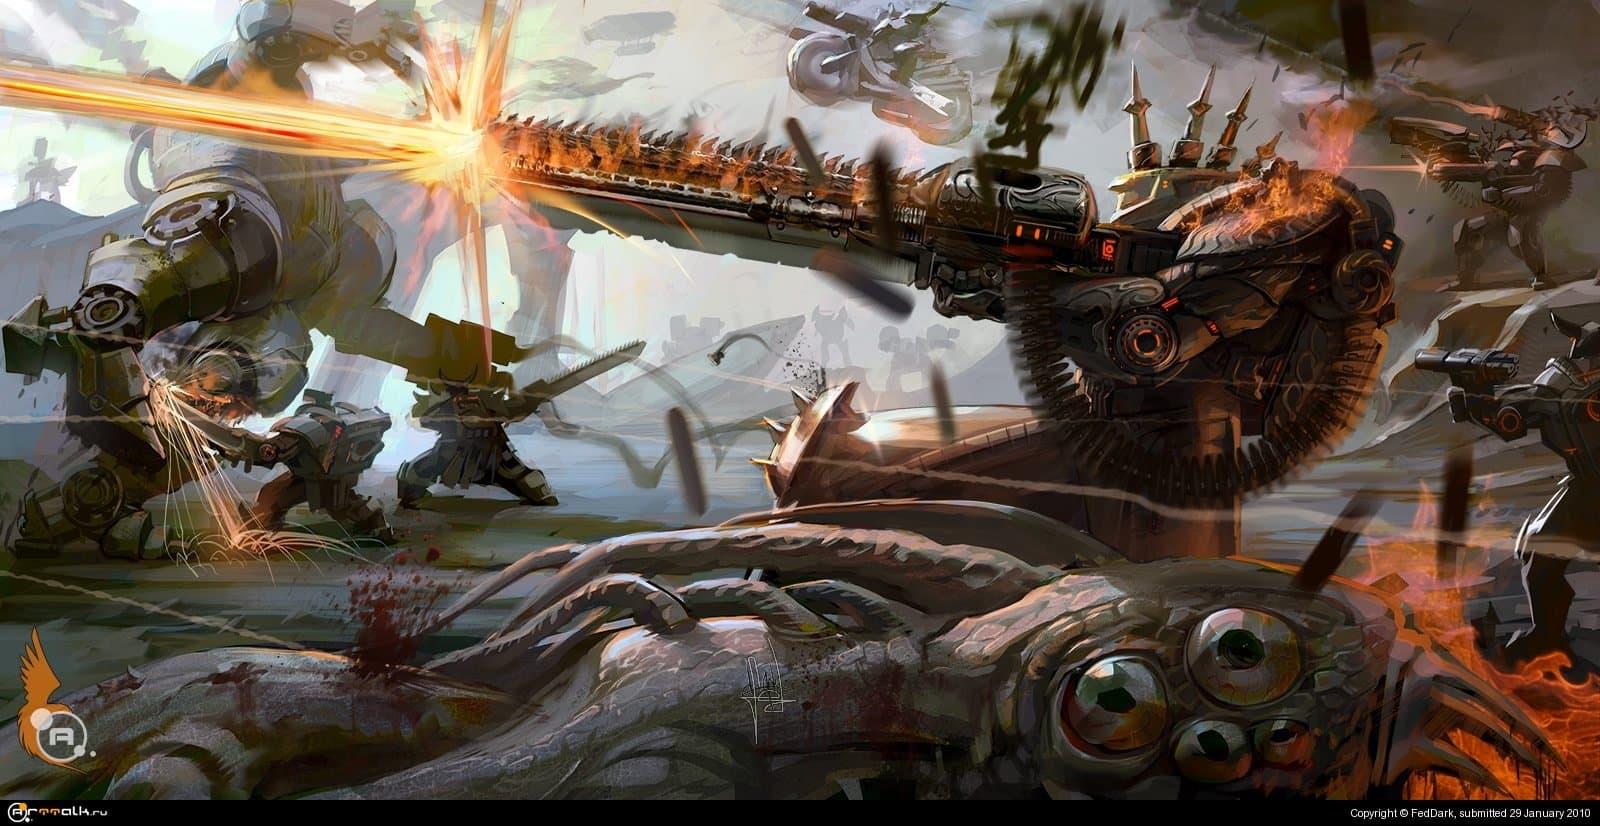 техно-викинги надвигаются